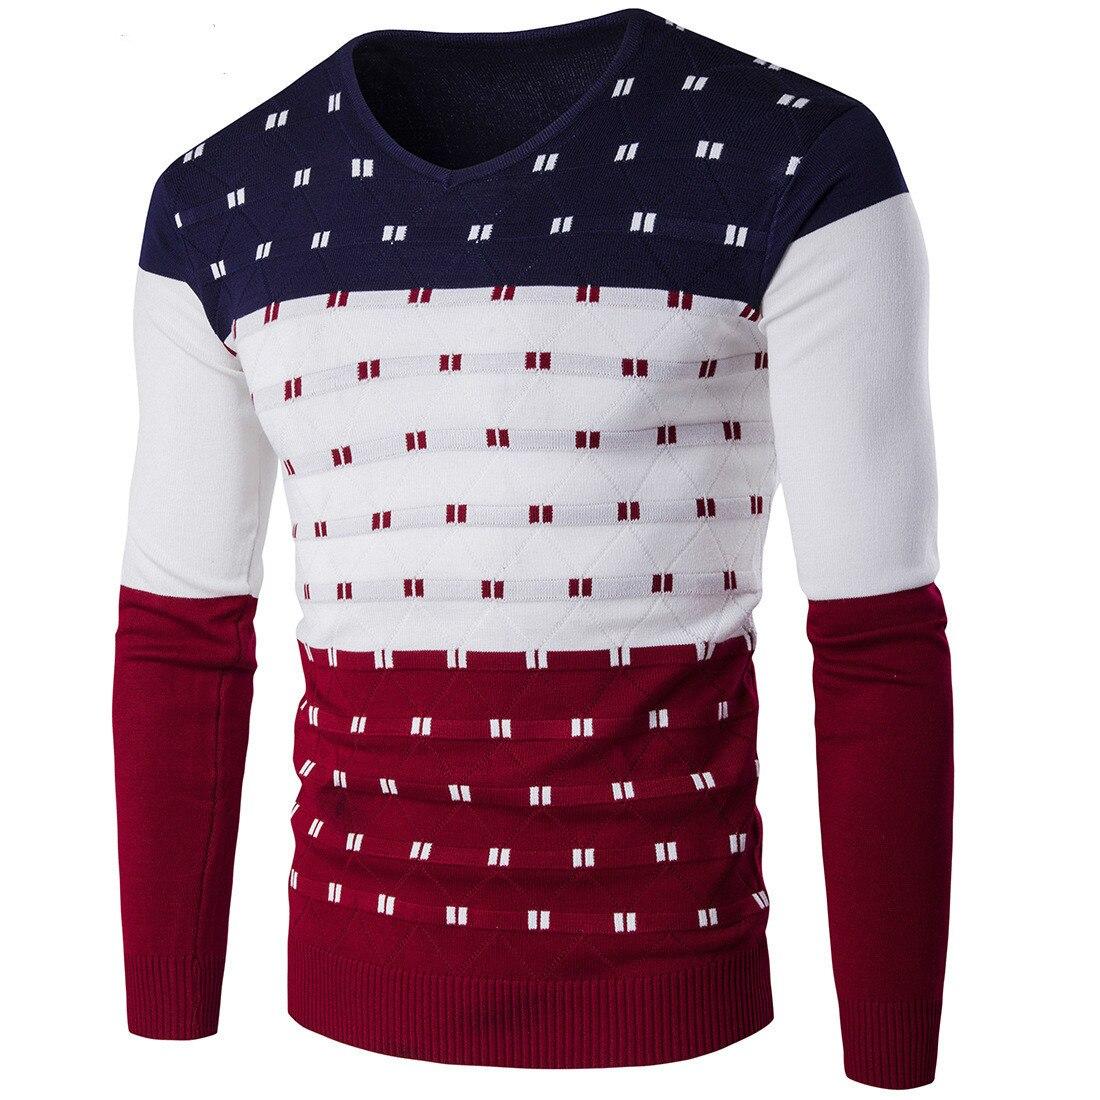 2018 5 Colori Maglione A Righe Uomini Caldi Manica Lunga V Collo Inverno Vestiti Per Uomo Moda Slim Fit Stampa Pullover Maglione Altamente Lucido